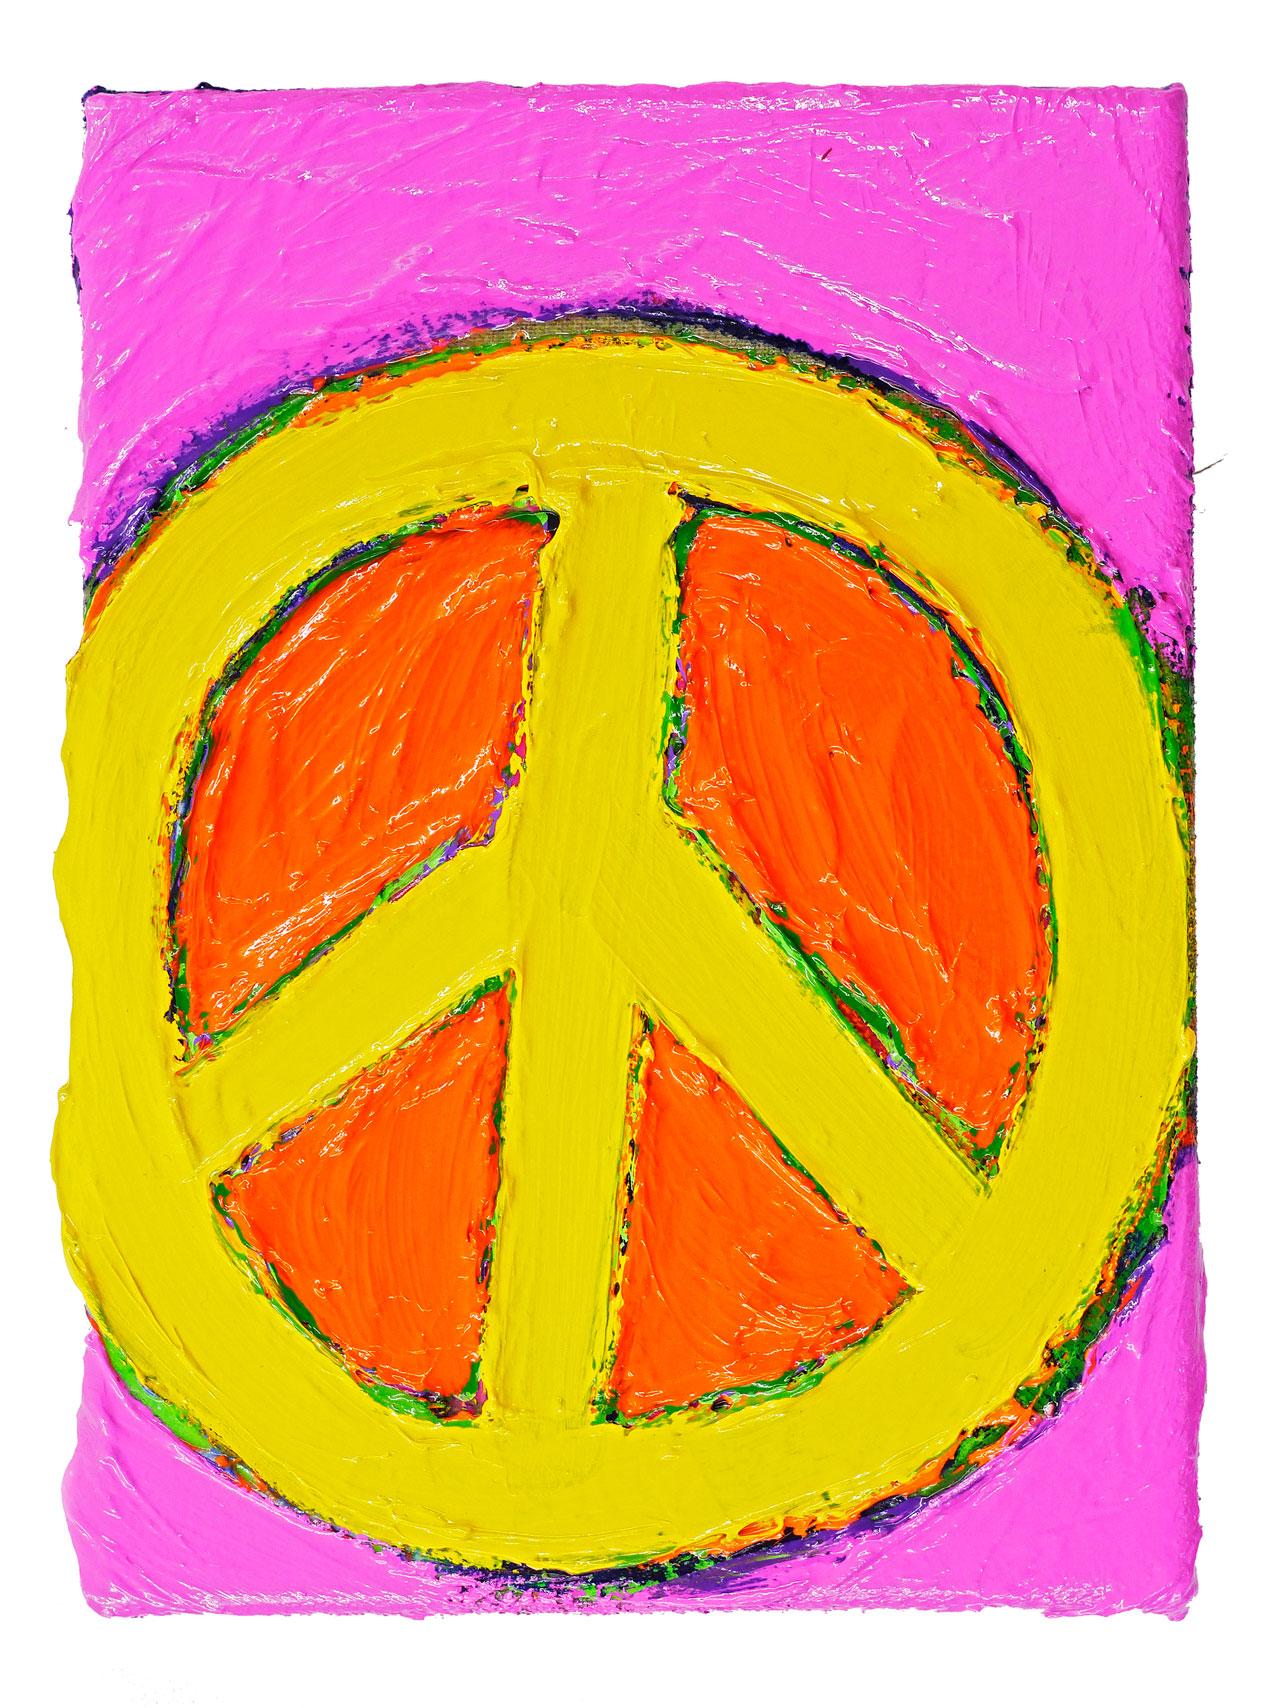 PEACE | 2018 © Kerstin Jeckel | MEMORY-PROJEKT #135